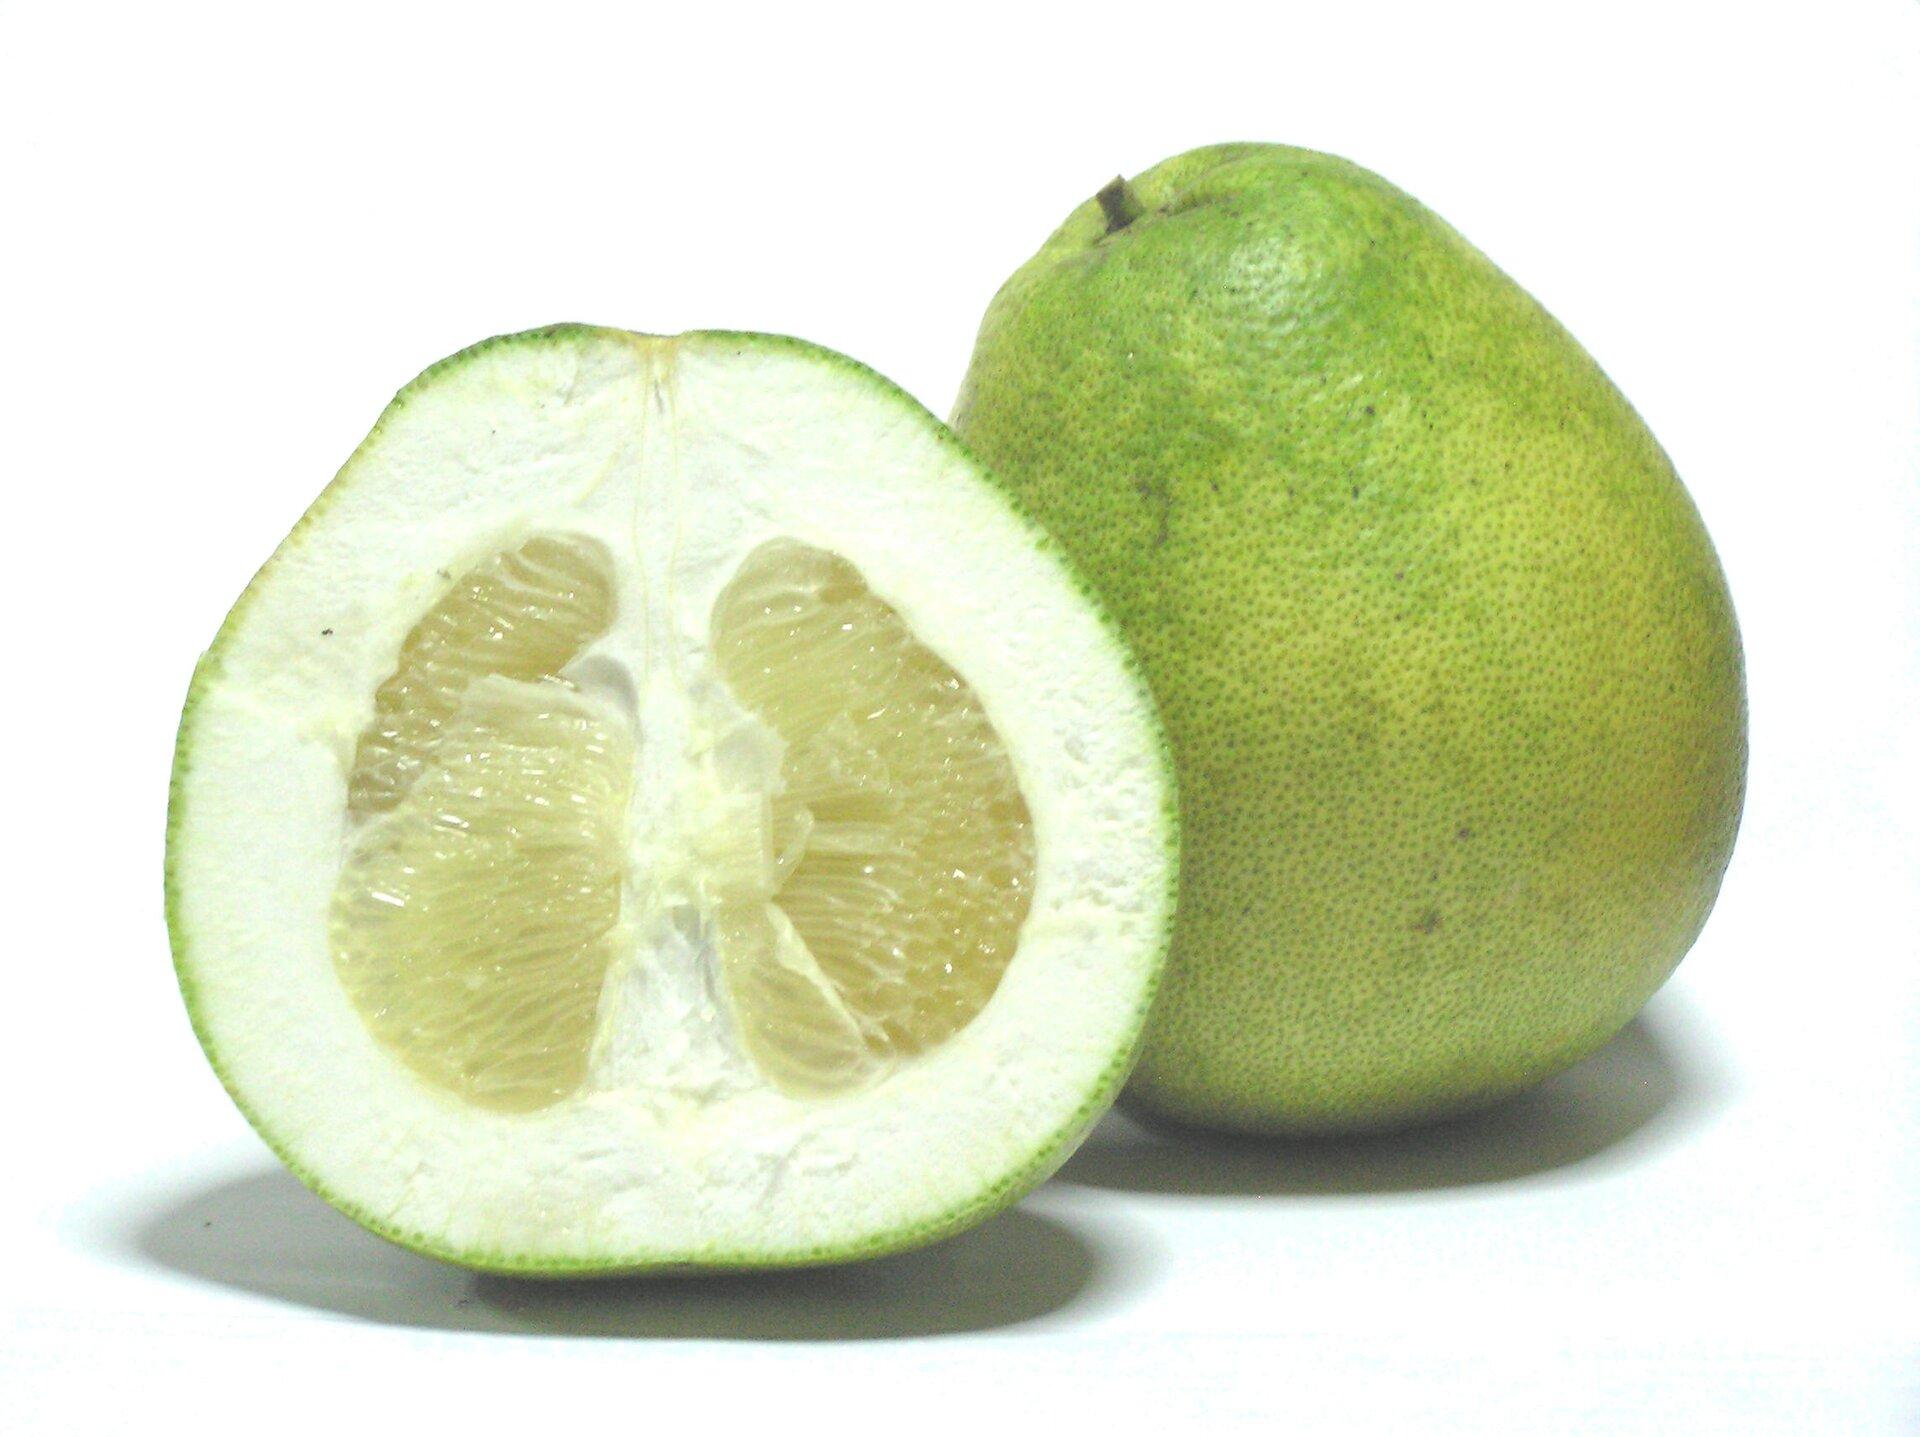 Fotografia przedstawia dwa jasnozielone owoce pomelo. Jeden znich jest przekrojony pionowo dla uwidocznienia miąższu.